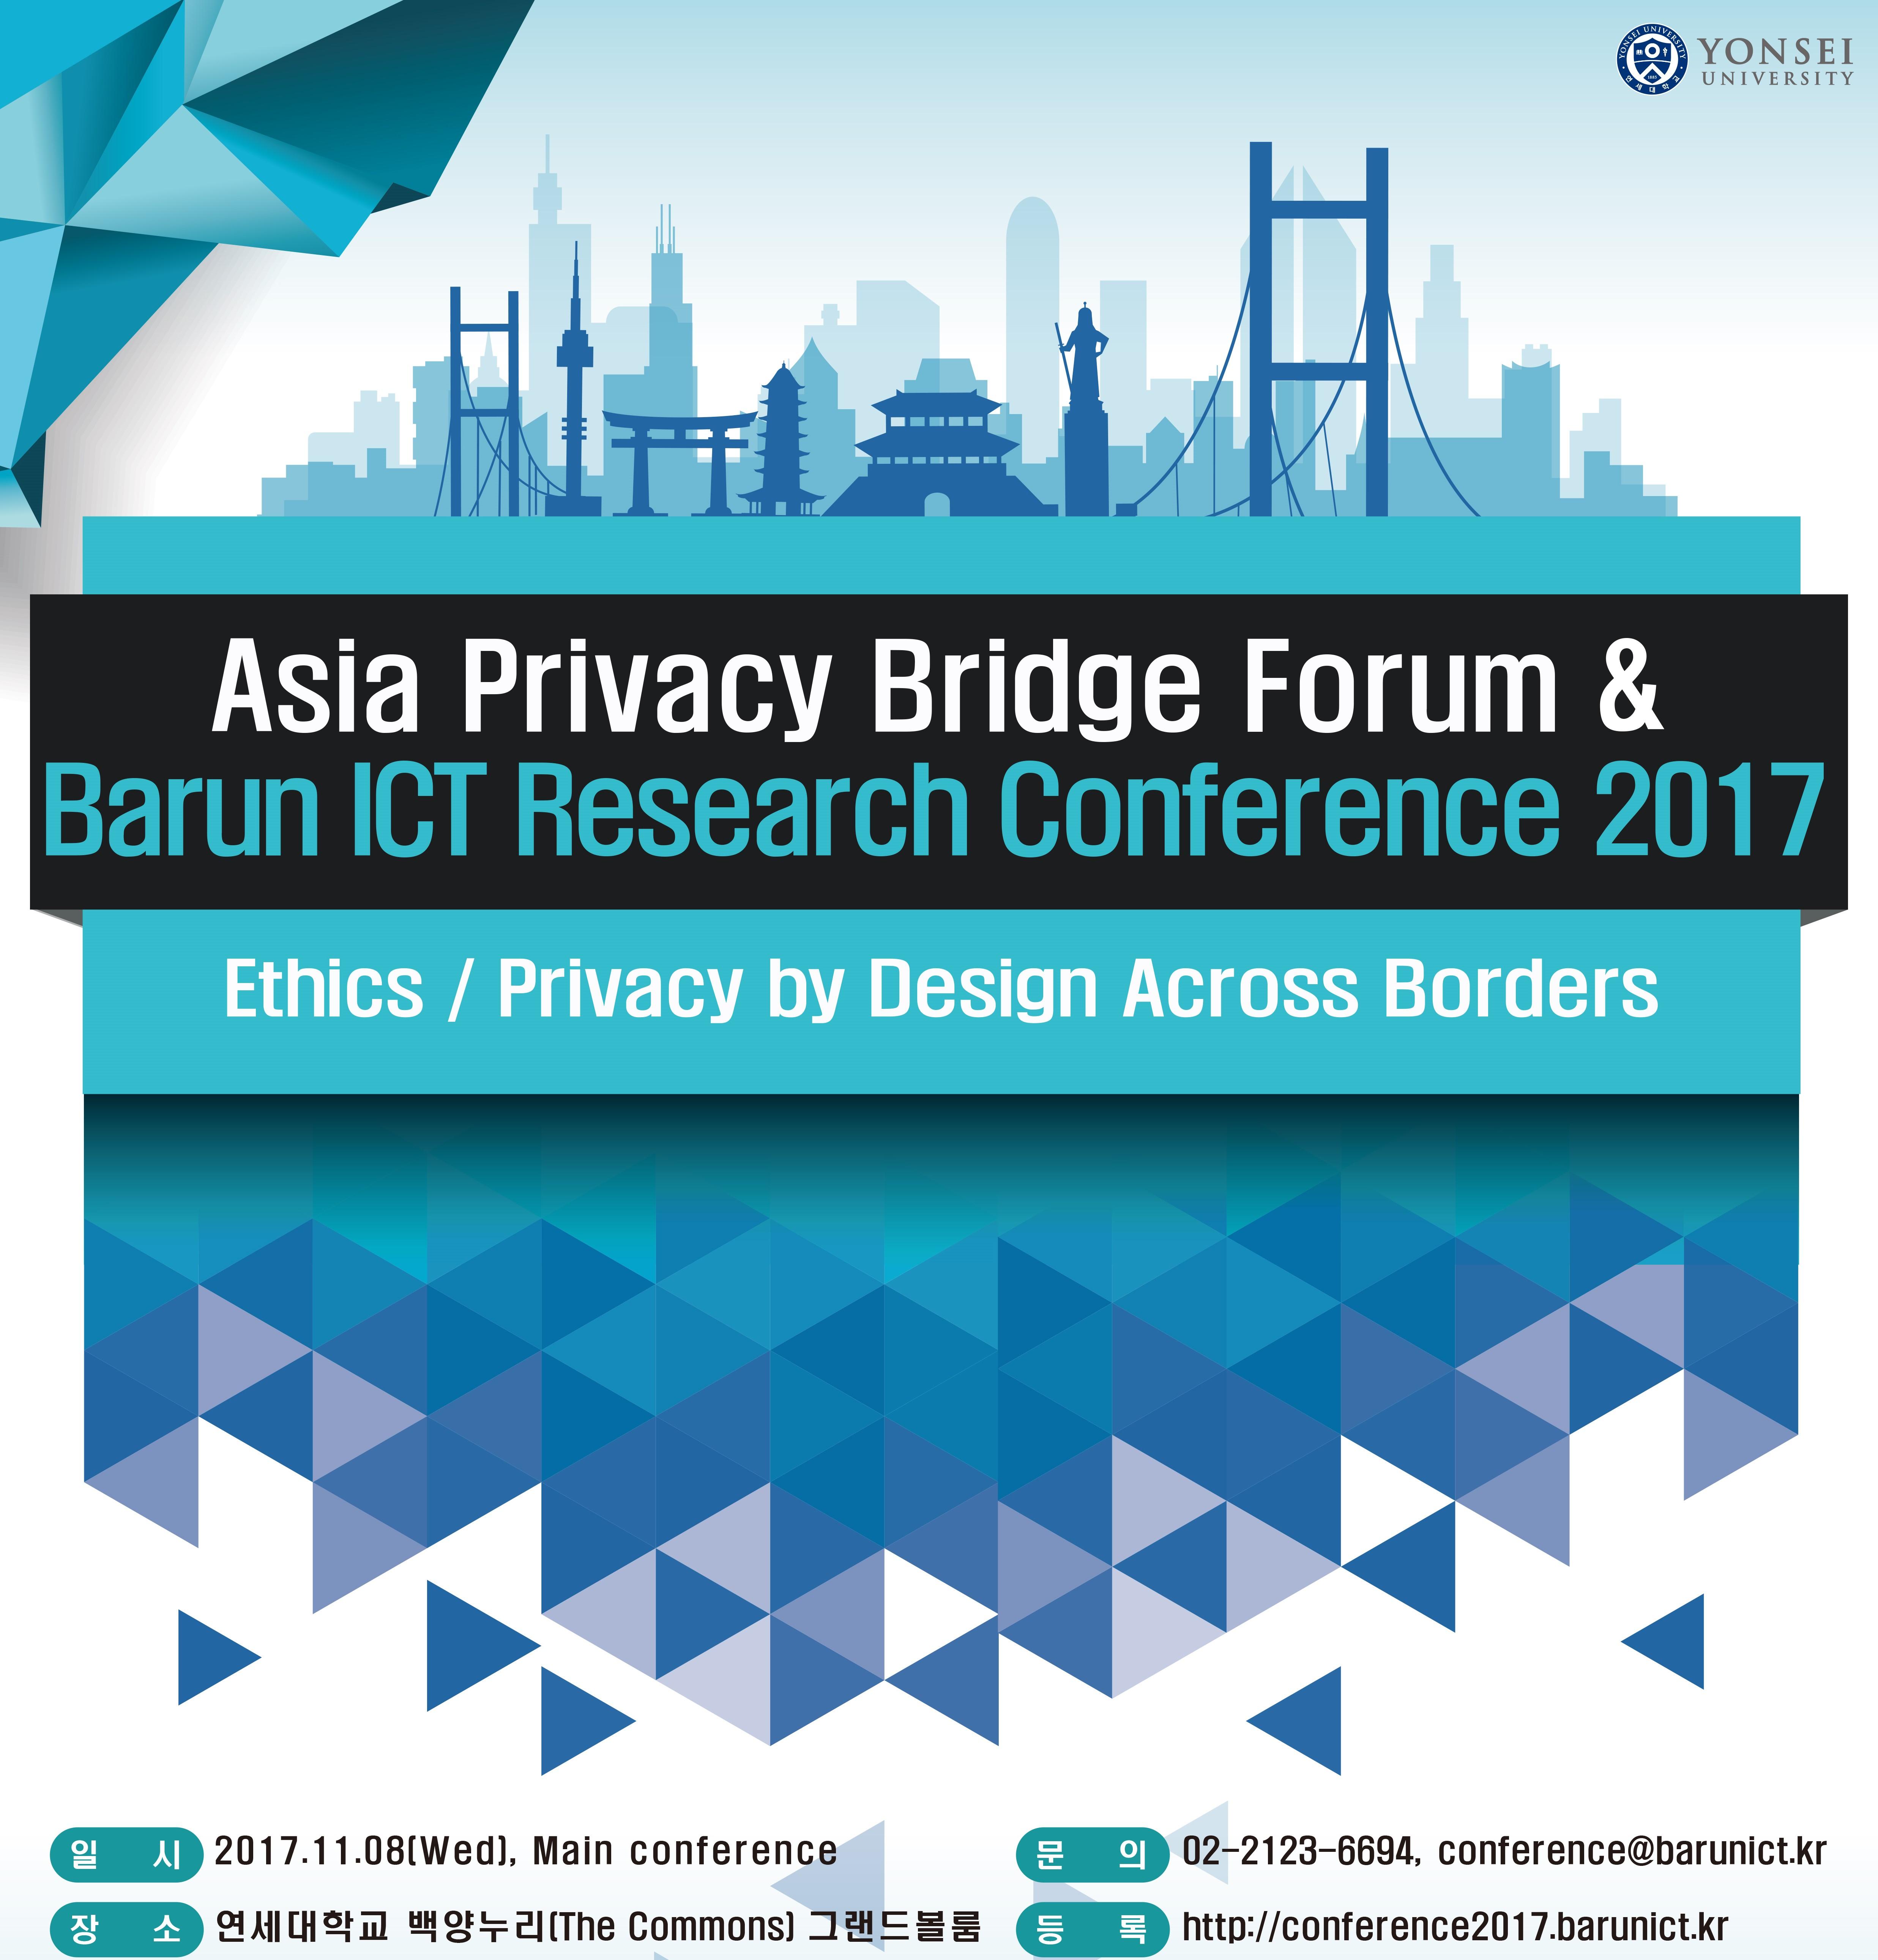 [보도자료] 연세대학교 바른ICT연구소, Asia Privacy Bridge (APB) Forum 2017 개최